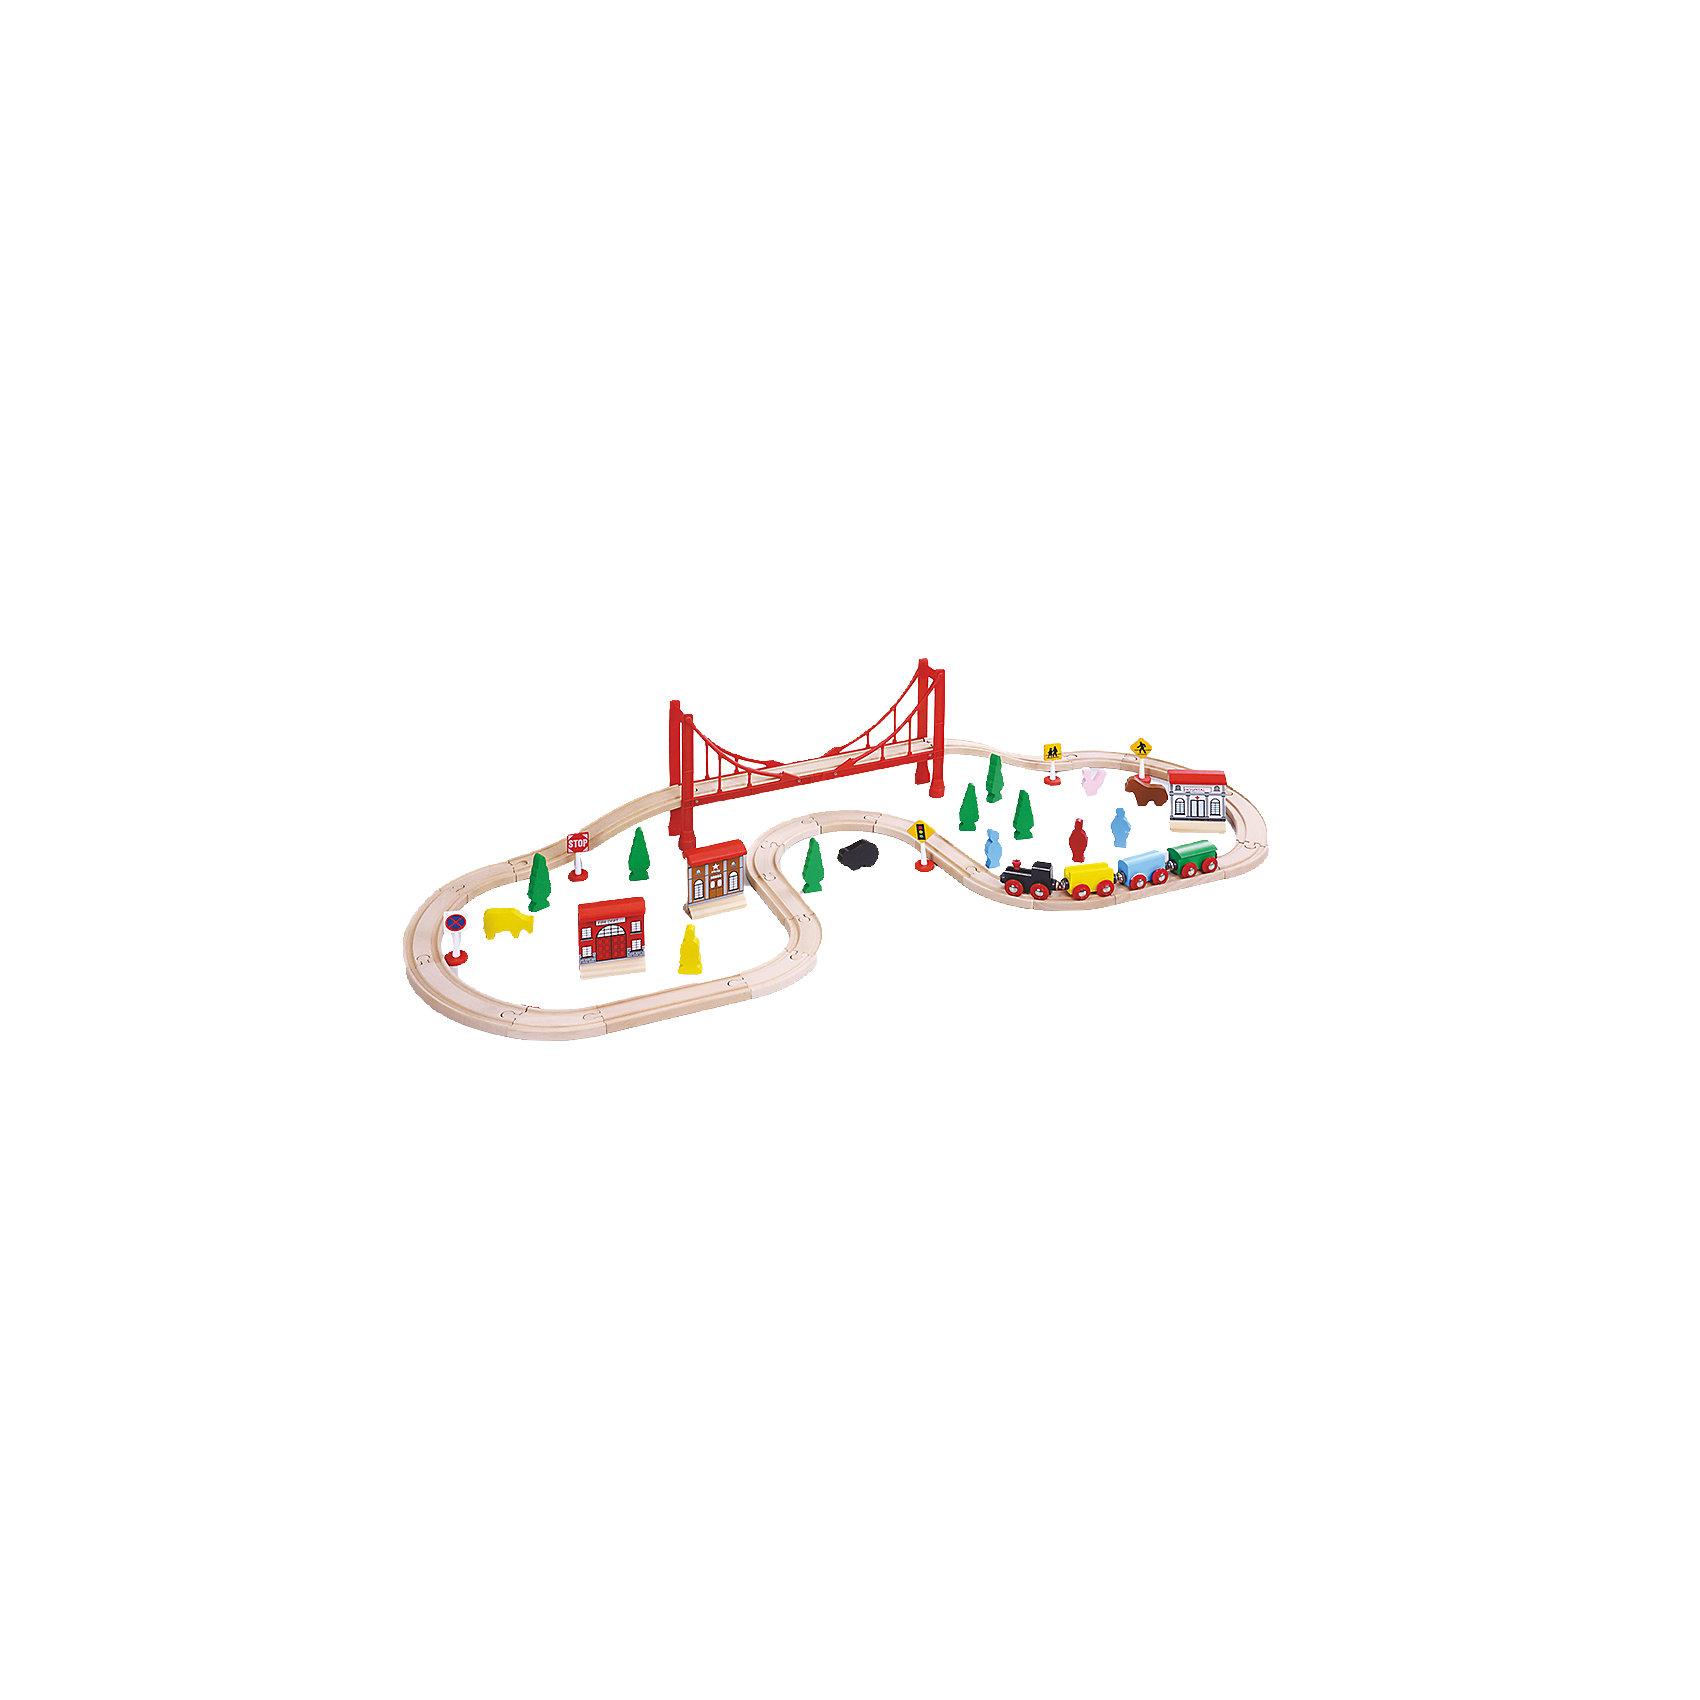 Деревянная железная дорога-076, ROYSДеревянная железная дорога-076, ROYS (РОЙС) – этот набор, сочетающий в себе множество вариантов для игры надолго займет внимание ребенка.<br>Набор состоит из полотна деревянной железной дороги с подвесным мостом, очаровательного паровозика с тремя вагонами разных цветов. Вагоны сцепляются при помощи магнитов, что очень удобно для маленьких детей. Паровозик и вагоны оснащены колесиками и без трудов входят в любой поворот. В набор также есть три элемента в виде зданий, фигурки в виде знаков, людей, деревьев и животных, что позволит детям создавать свое собственное игровое пространство. Железная дорога очень надежна и проста в сборке. Элементы набора изготовлены из дерева натуральных пород, окрашены нетоксичной краской. Качественное натуральное дерево не содержит шероховатостей или заусениц, что исключает повреждения ручек вашего ребенка при активной игре. Все детали специально изготавливаются с закругленными краями. Эта железная дорога позволит ребенку не только получать удовольствие от игры, но и развивать мелкую моторику, внимание и фантазию. Все наборы ROYS (РОЙС) совместимы между собой, можно собирать целые города со своими вокзалами, гаванью, мостами и пещерами.<br><br>Дополнительная информация:<br><br>- Комплектация: 1 паровоз, 3 вагона, 1 сборный подвесной мост, 22 секций железной дороги, 3 здания, 5 дорожных знаков, 4 фигурки животных, 4 фигурки людей, 6 фигурок деревьев, инструкция<br>- Количество деталей: 56<br>- Общая длина пути: 310 см.<br>- Материал: дерево<br>- Размер упаковки: 390х65х210 мм.<br>- Вес: 2100 гр.<br><br>Деревянную железную дорогу-076, ROYS (РОЙС) можно купить в нашем интернет-магазине.<br><br>Ширина мм: 390<br>Глубина мм: 65<br>Высота мм: 210<br>Вес г: 2100<br>Возраст от месяцев: 36<br>Возраст до месяцев: 168<br>Пол: Унисекс<br>Возраст: Детский<br>SKU: 4086666